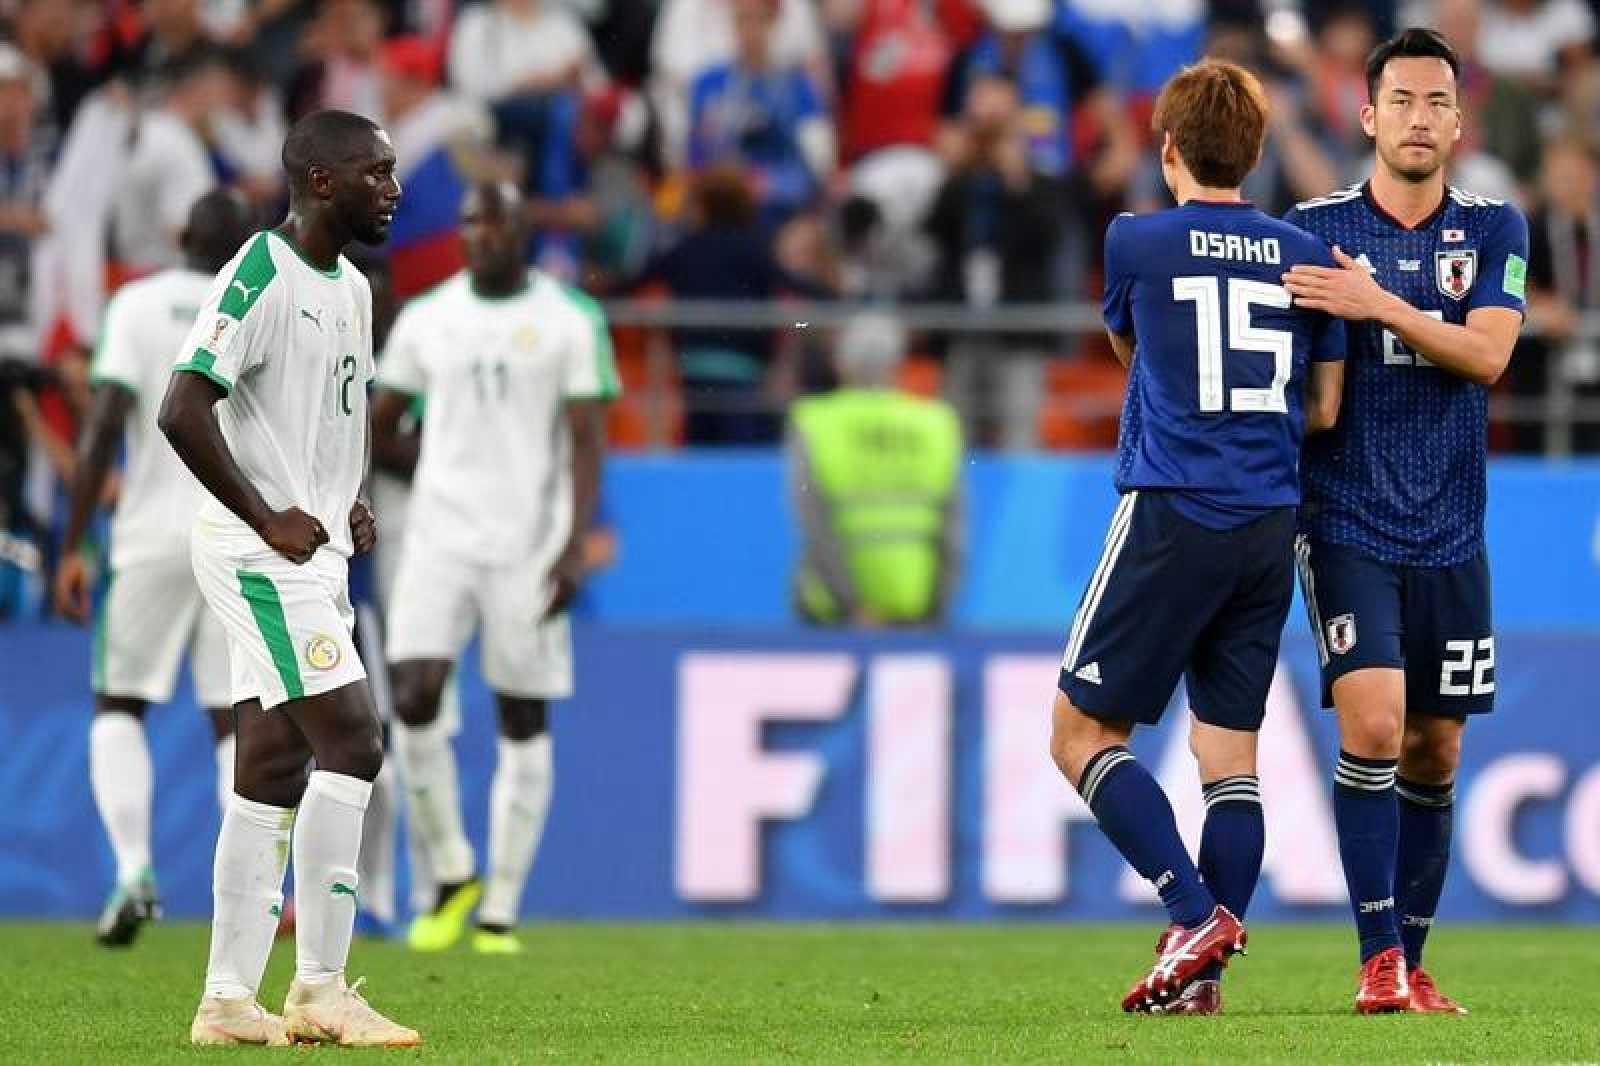 Japón y Senegal dan por bueno el empate